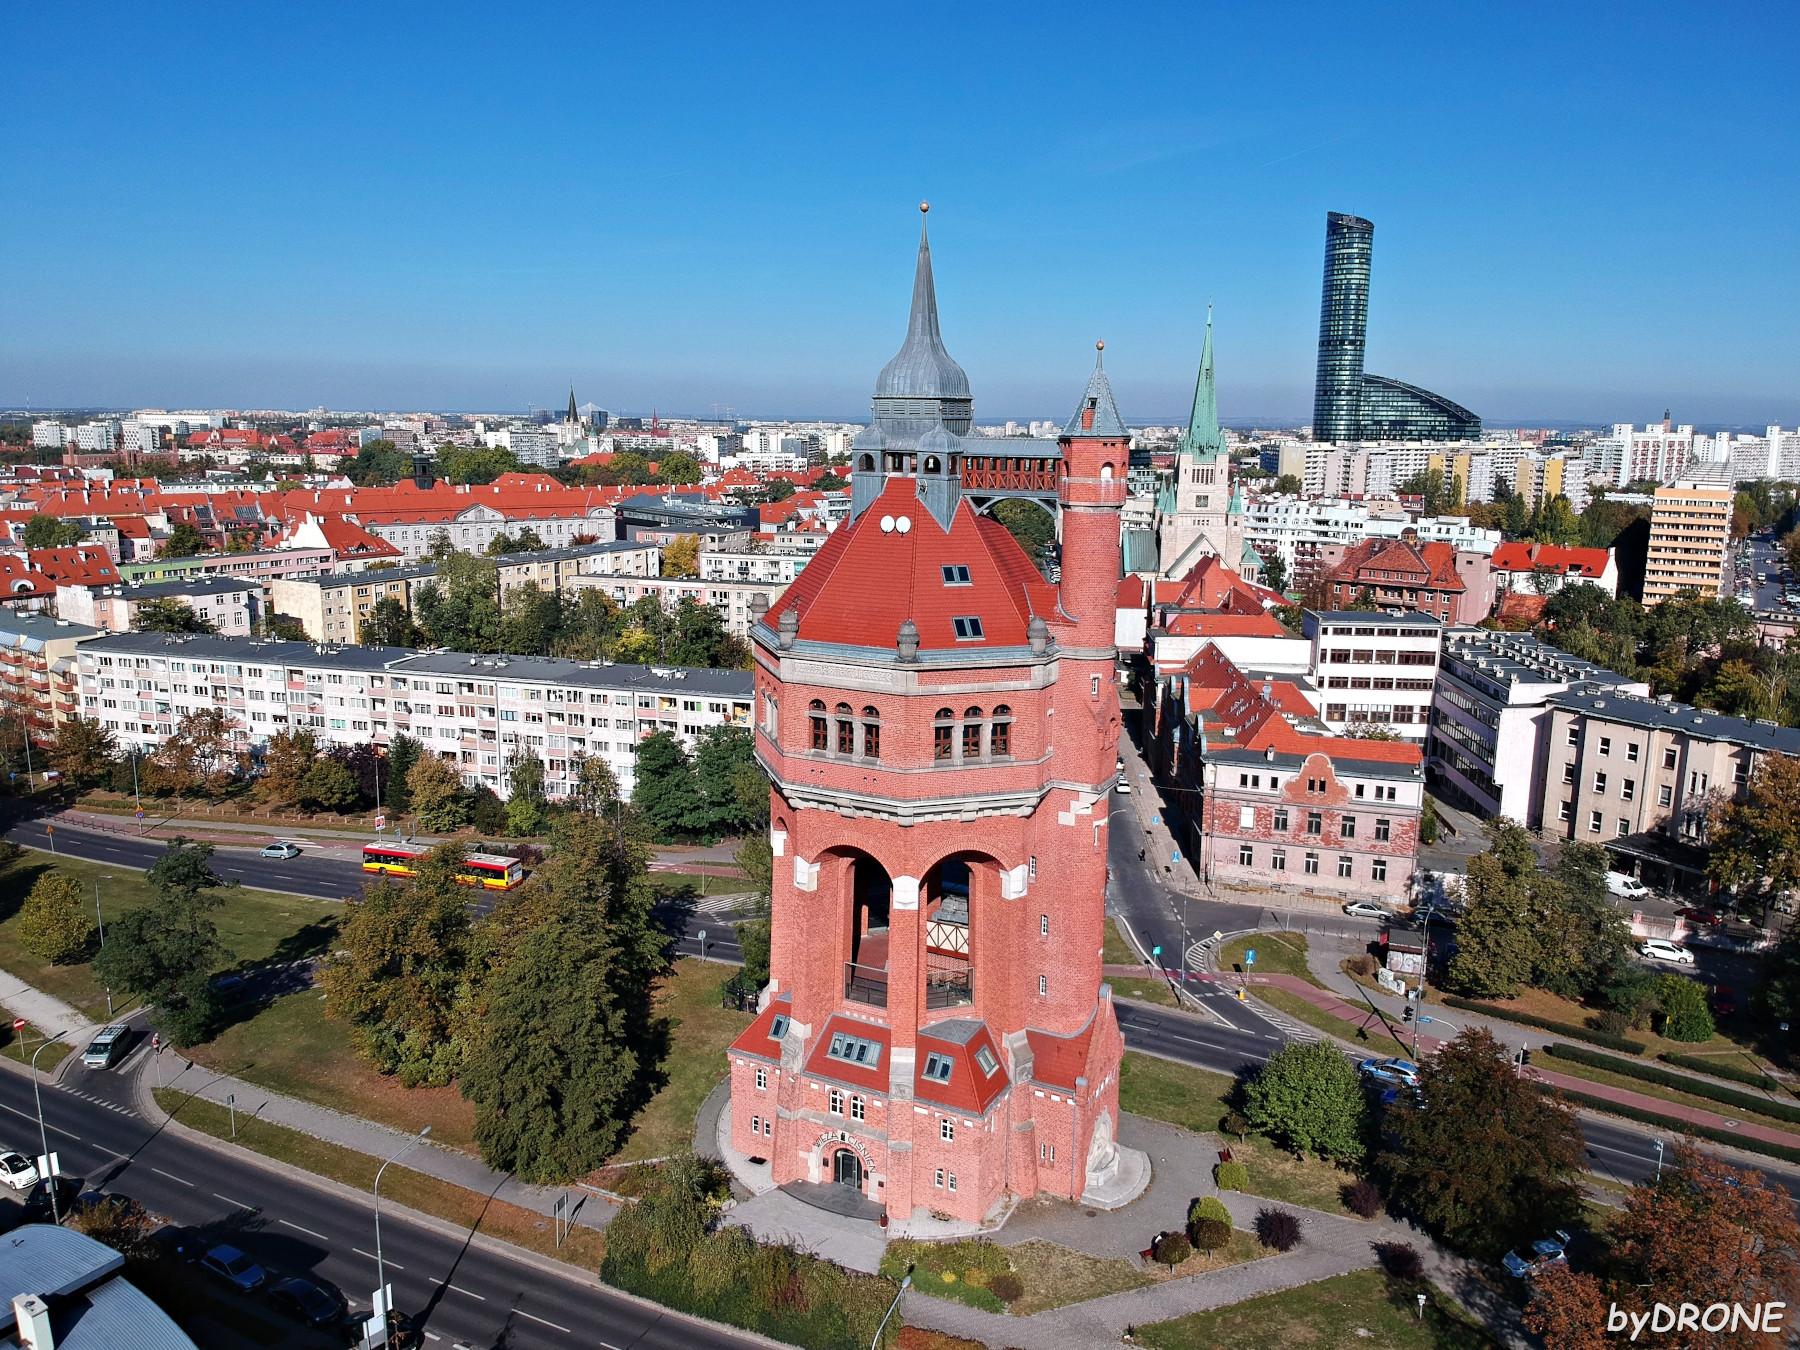 Водонапорная башня (Wieża ciśnień przy alei Wiśniowej we Wrocławiu)